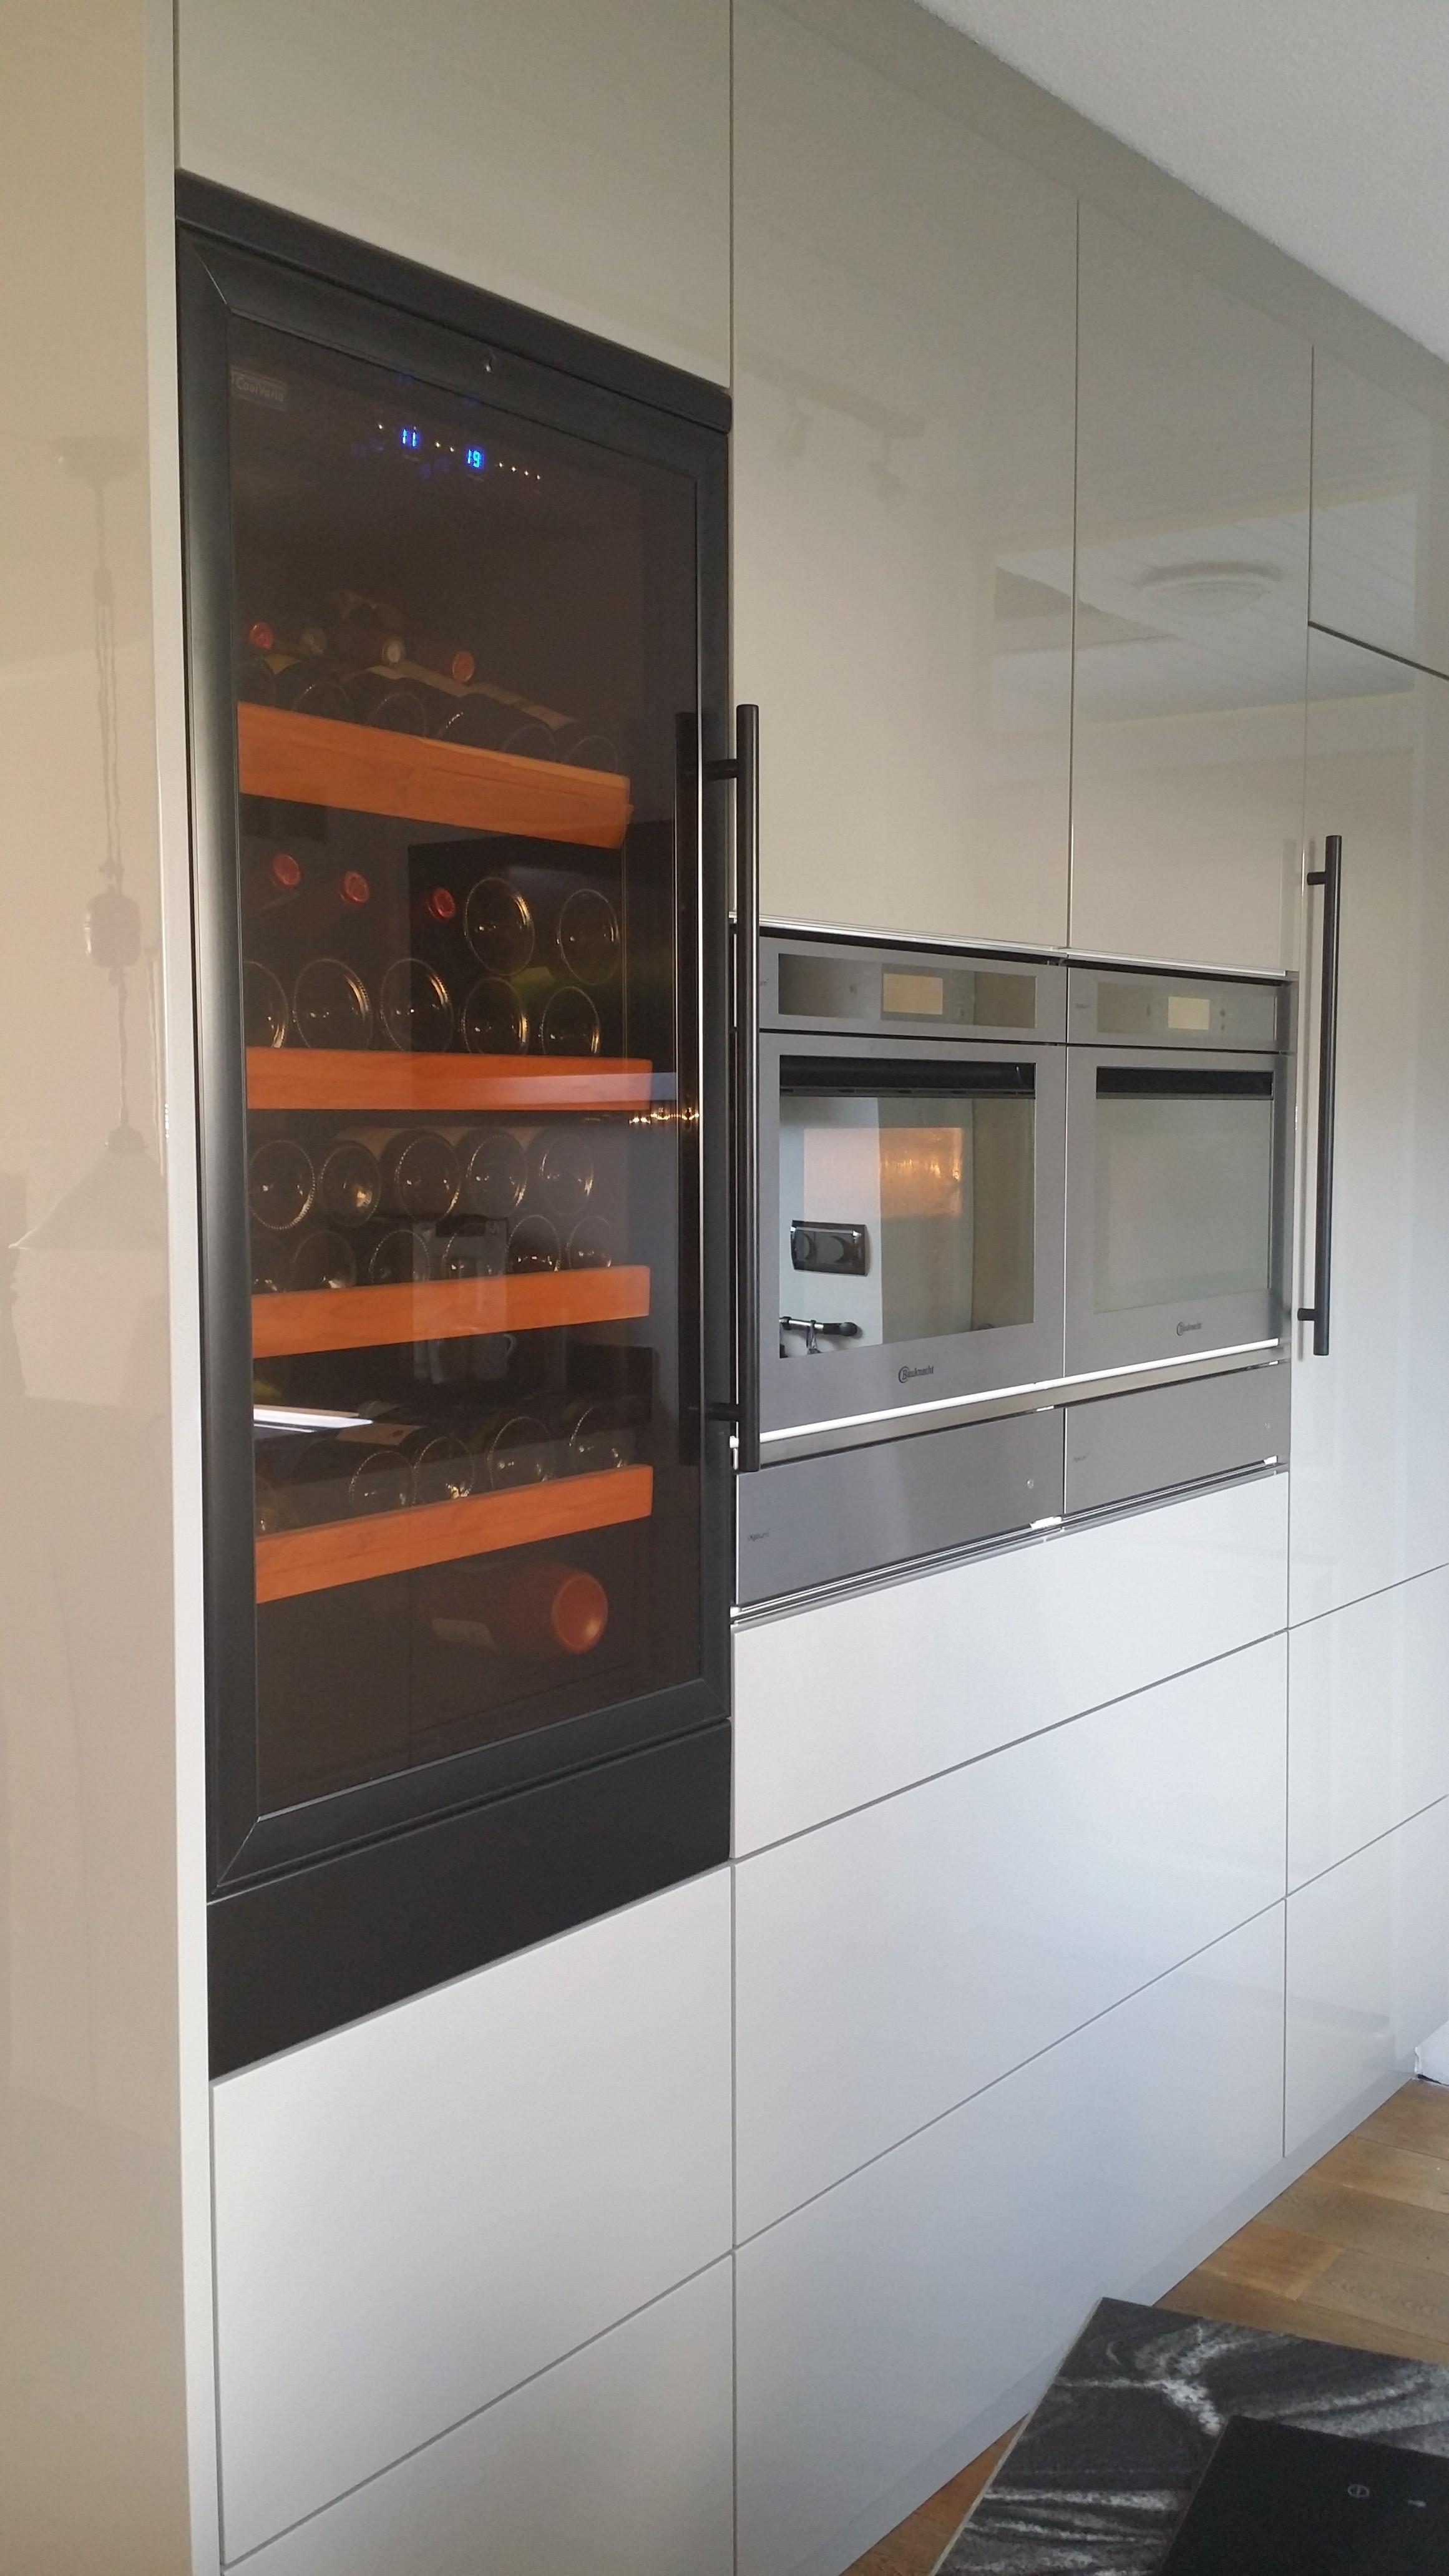 Wijnklimaatkast voor het perfect bewaren en uitserveren van uw wijn cooling nl - Keuken met wijnkelder ...